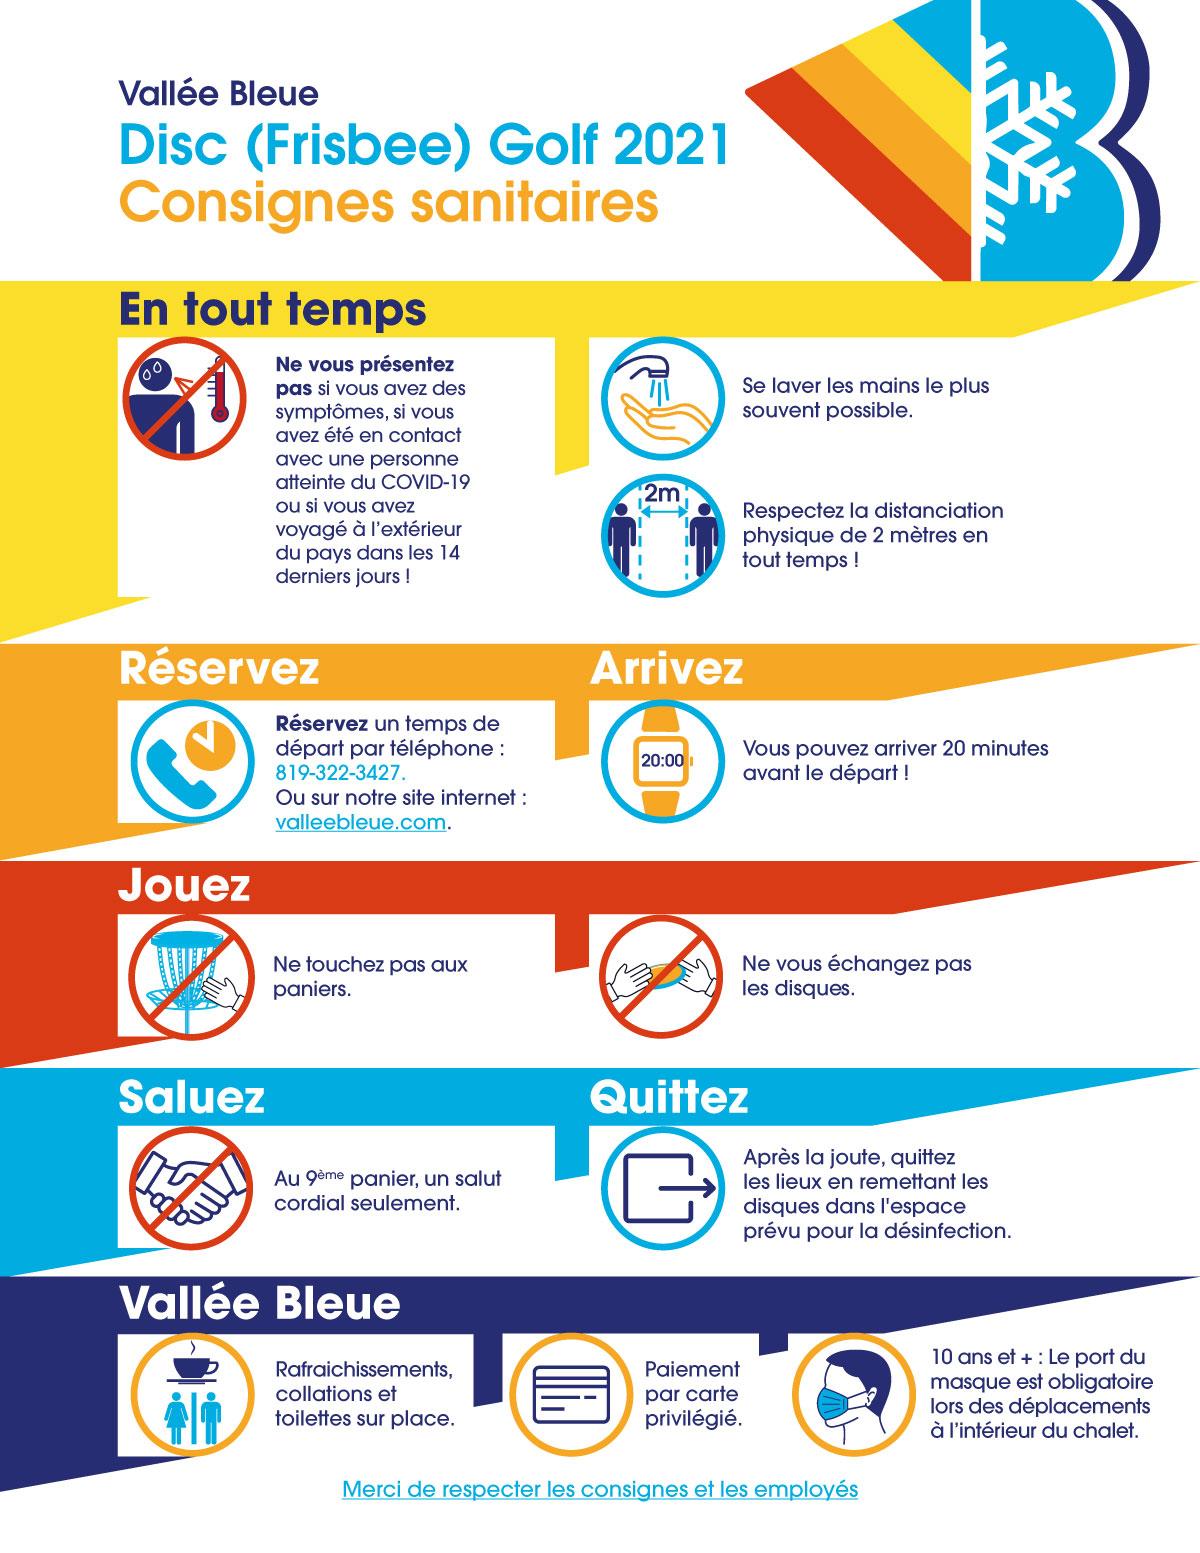 Tableau des règles sanitaires 2021